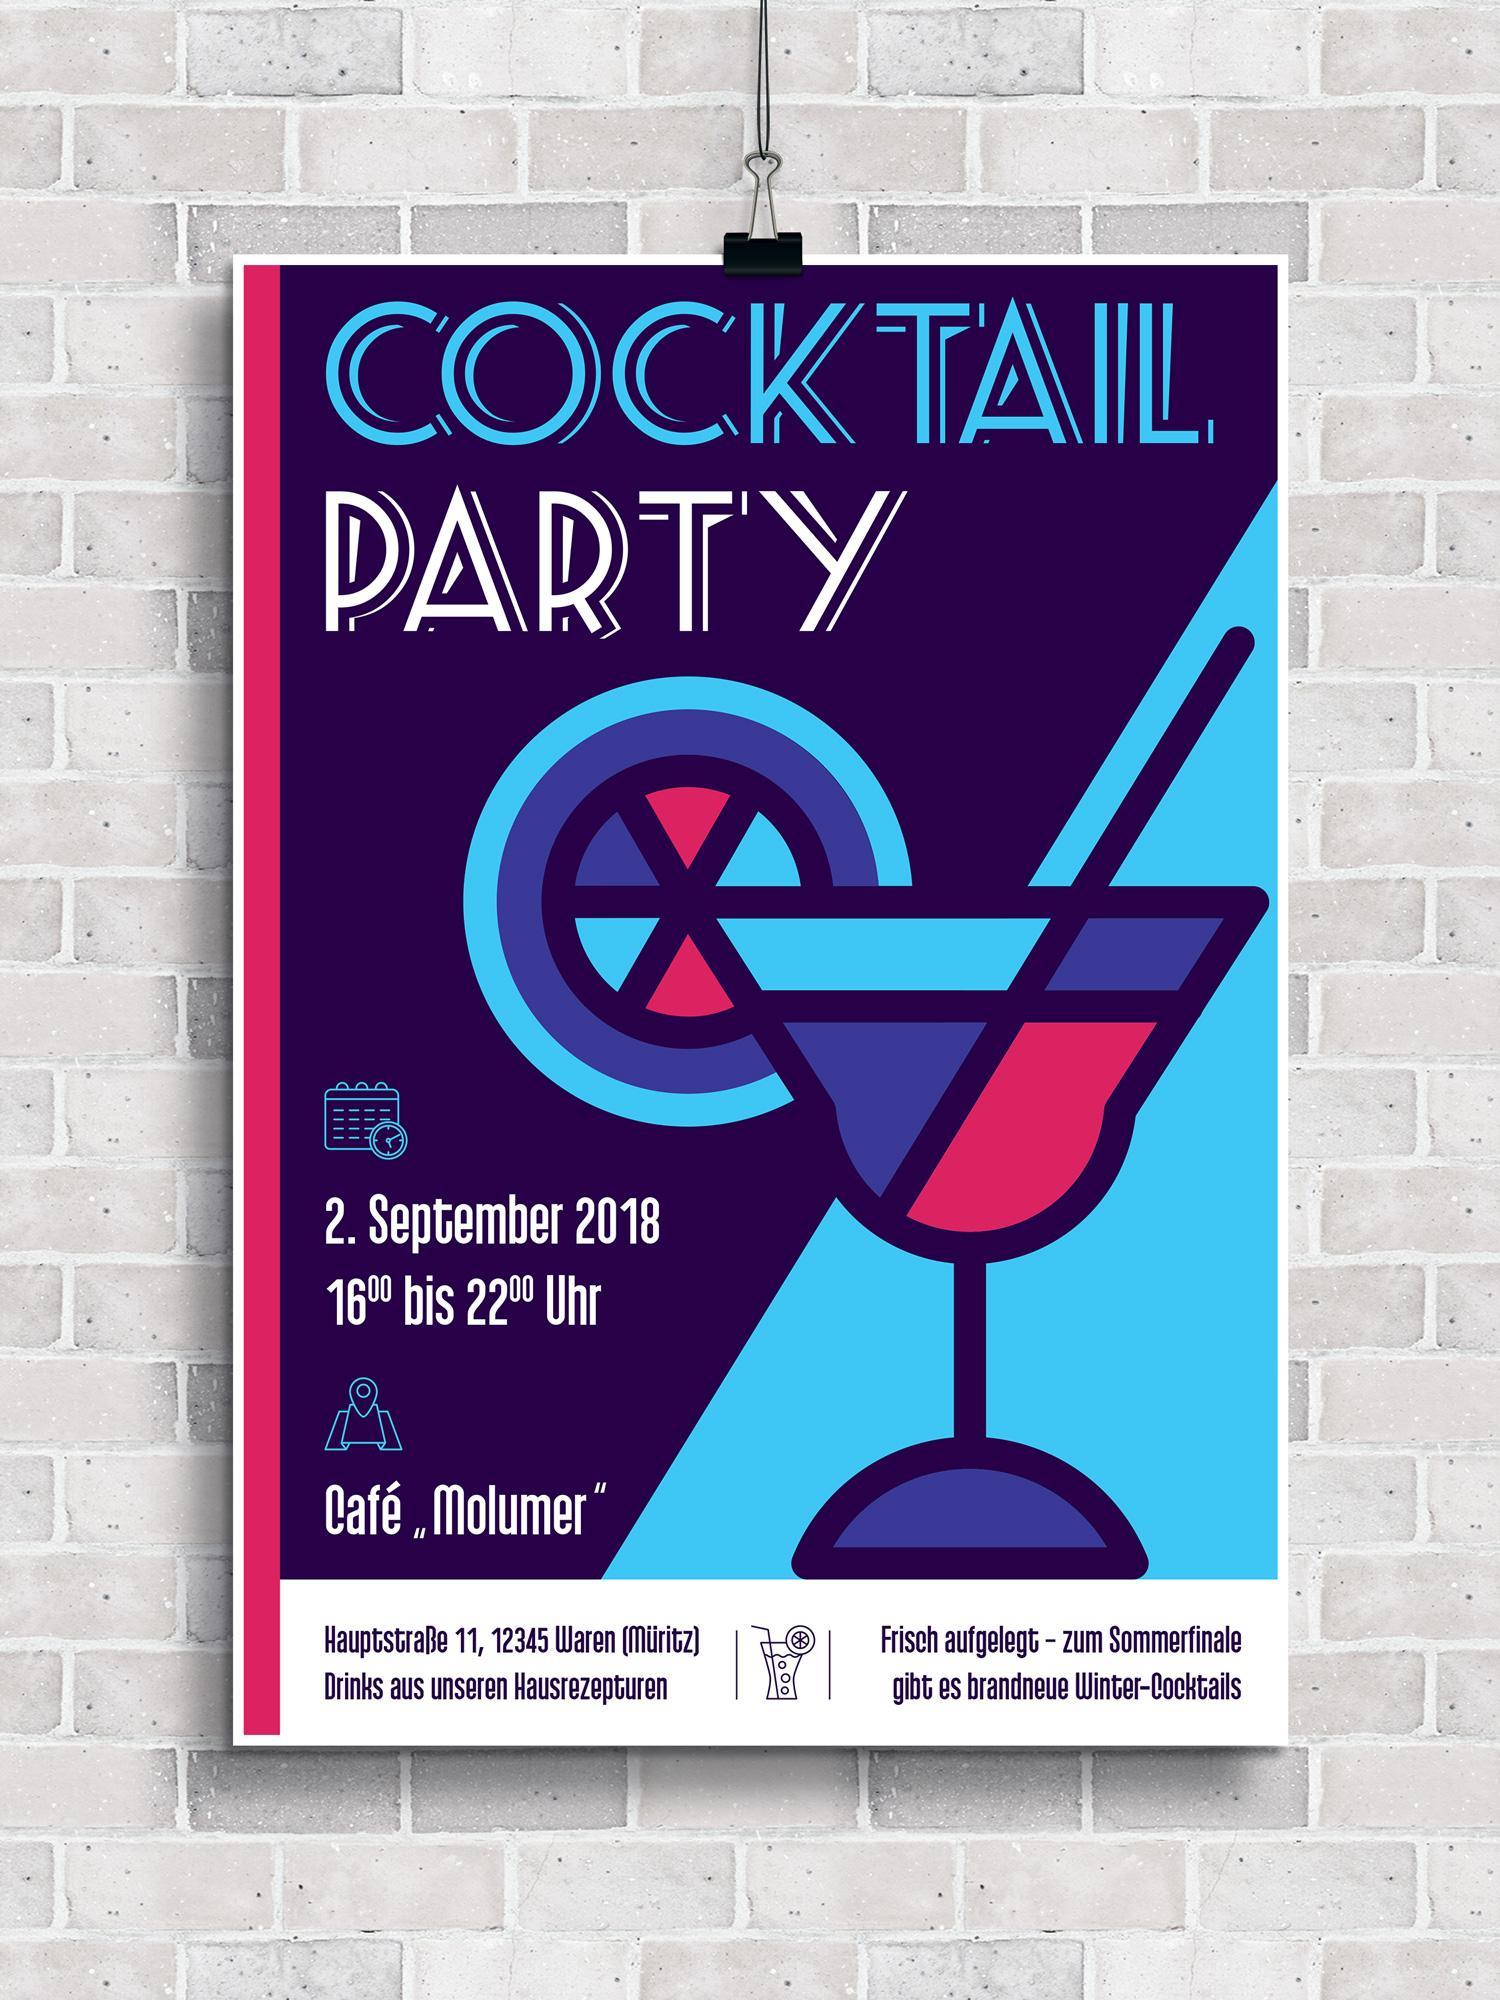 Design für einen Party-Flyer